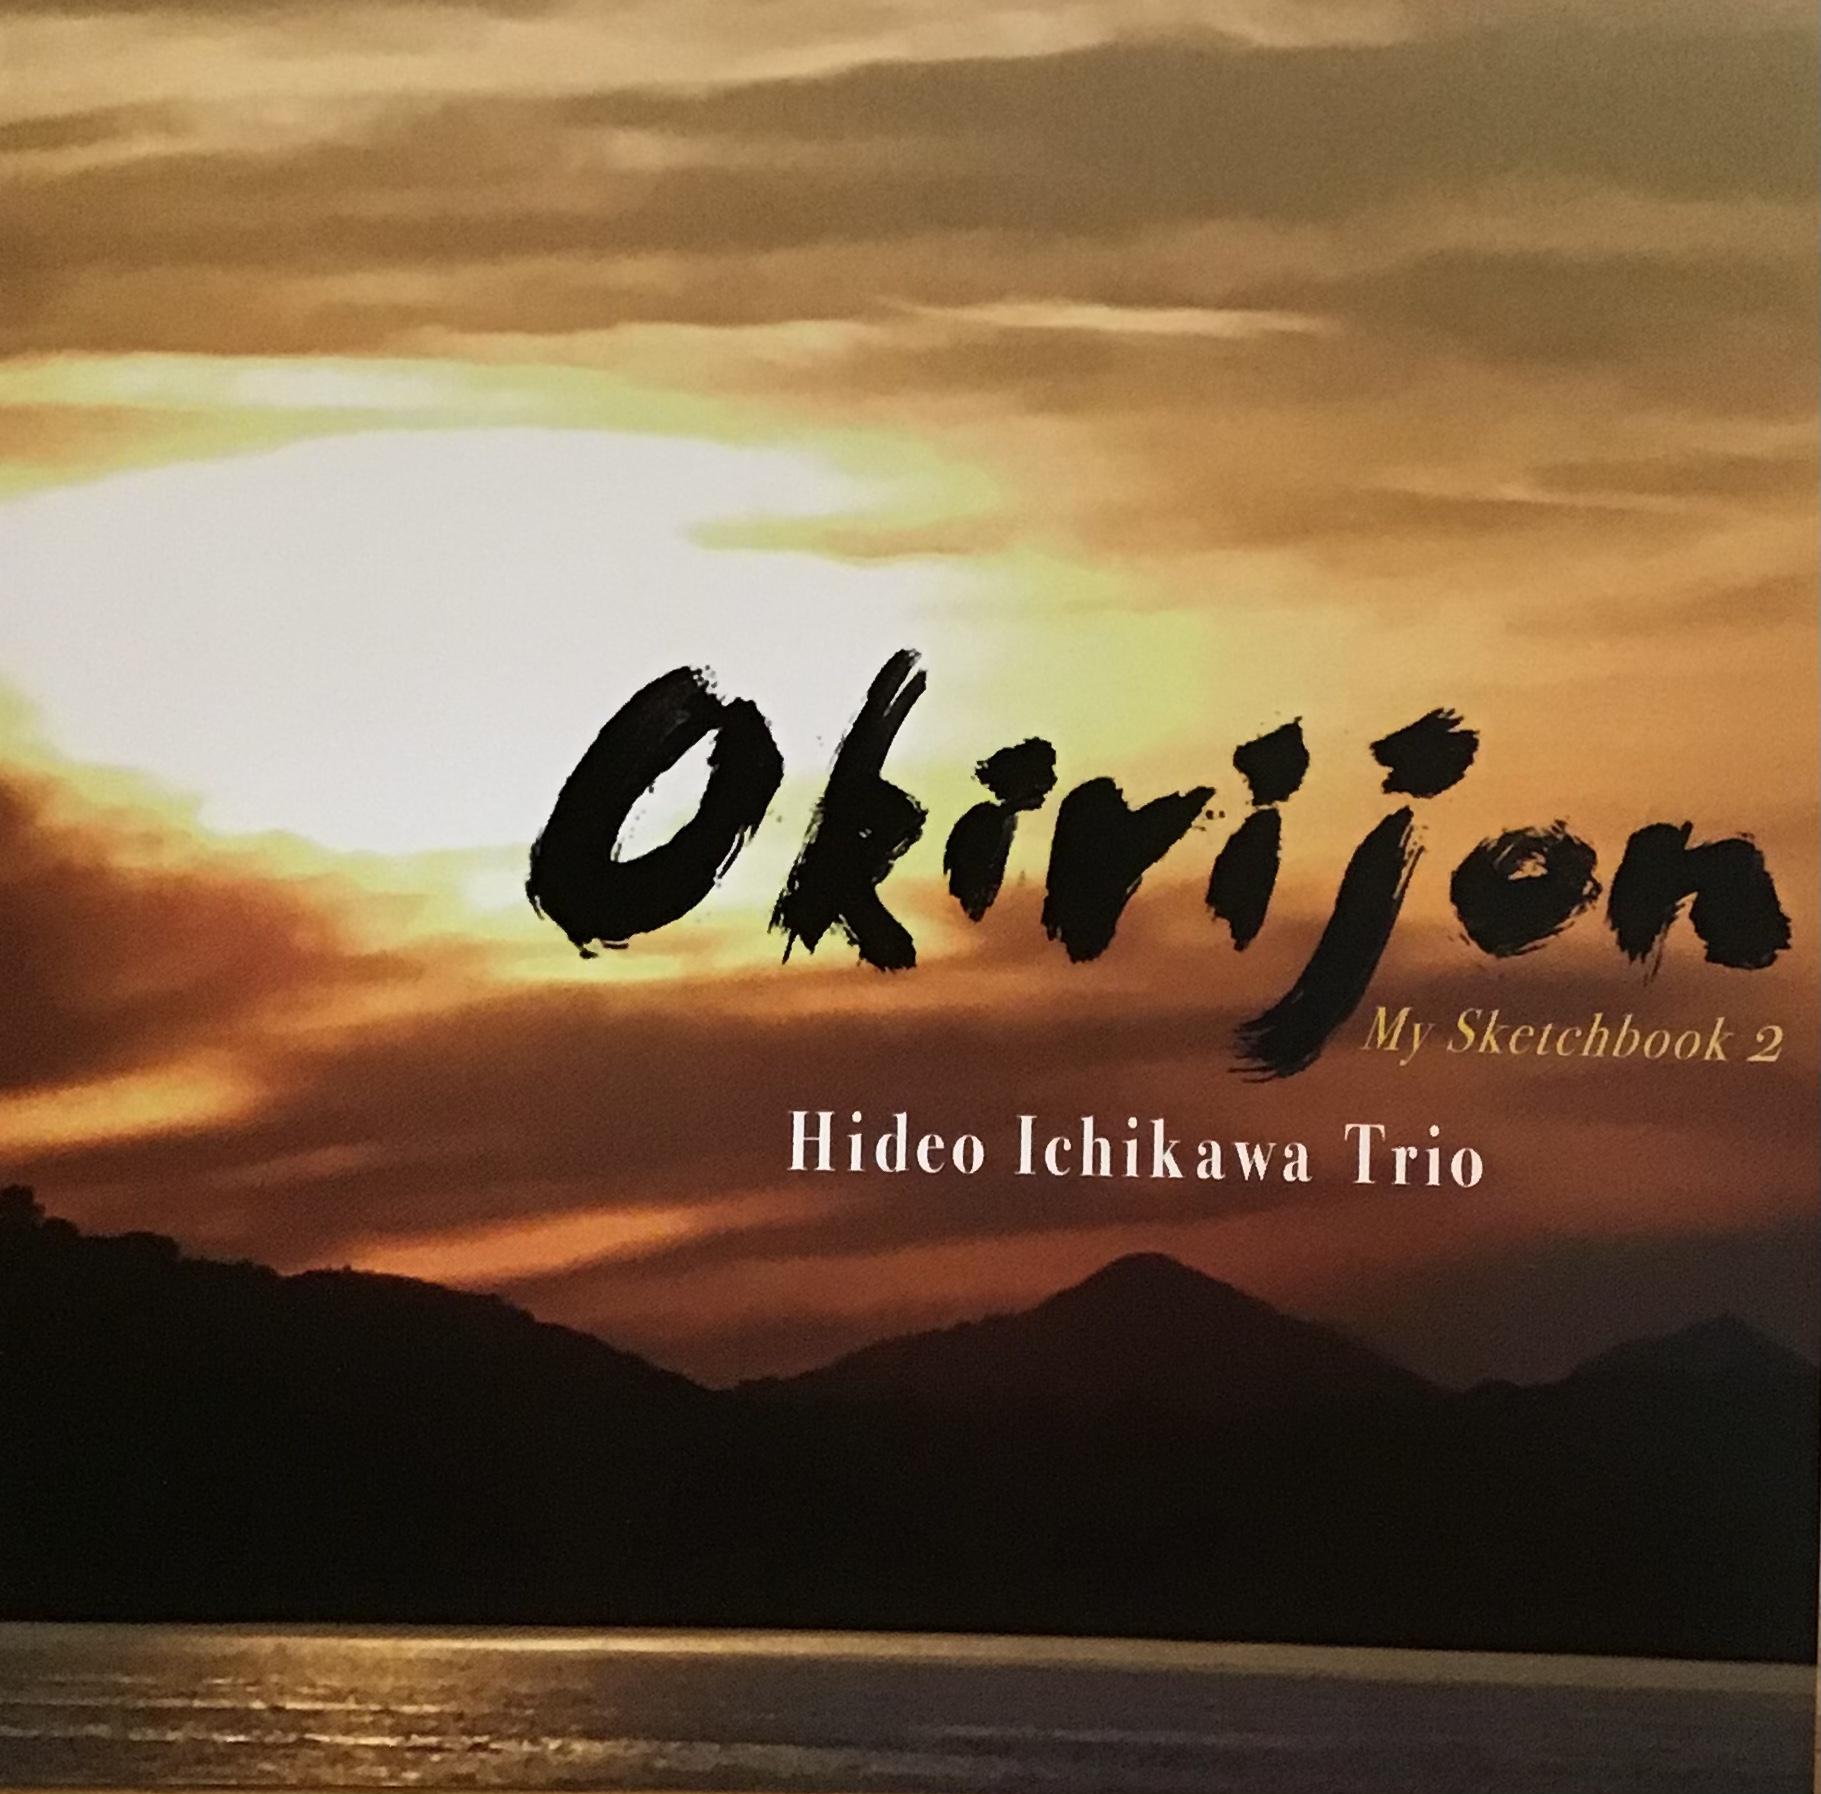 Okirijon  My Sketchbook 2